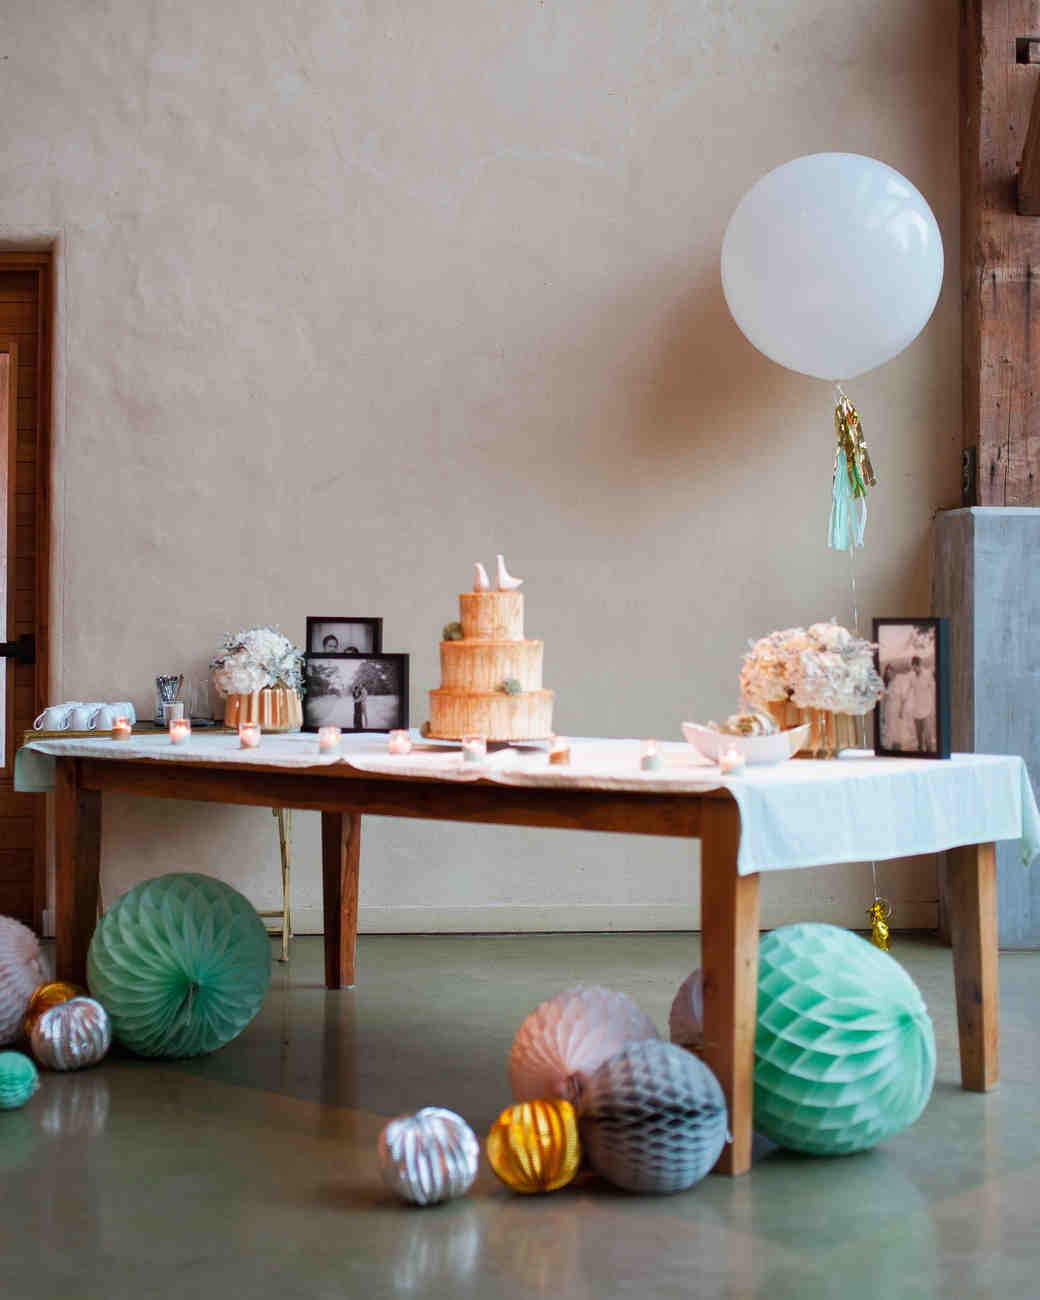 becky-derrick-wedding-cake-0714.jpg